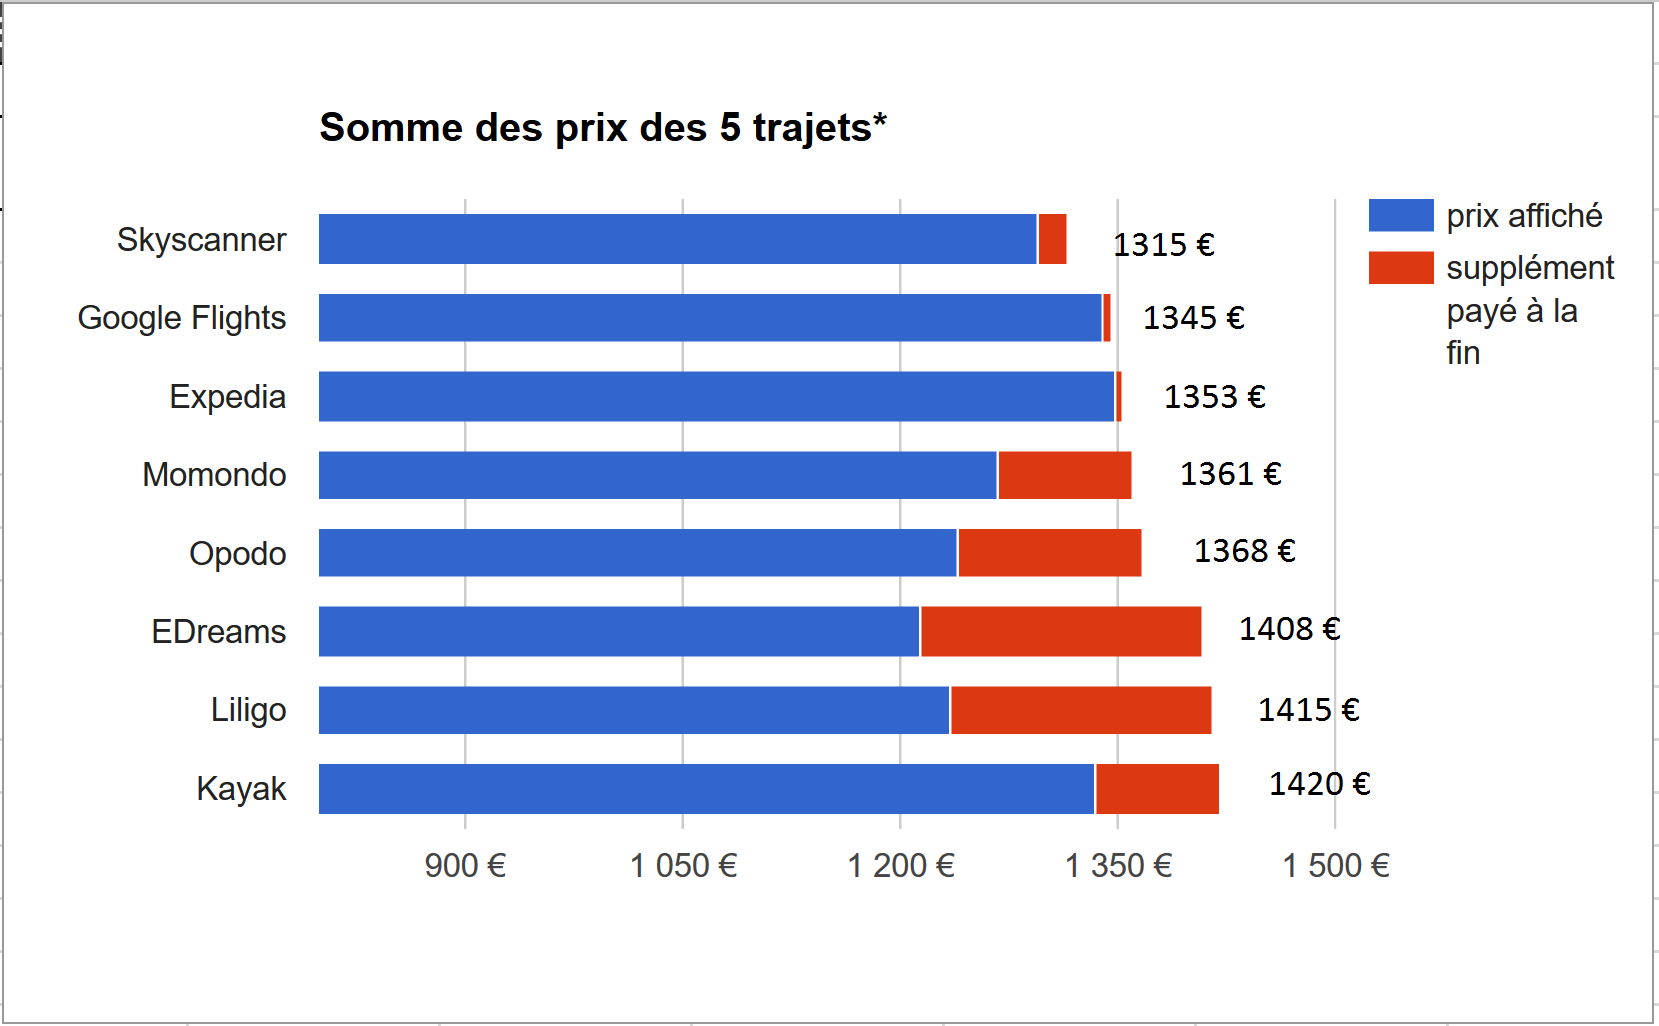 Fiabilité des prix par comparateur et agence